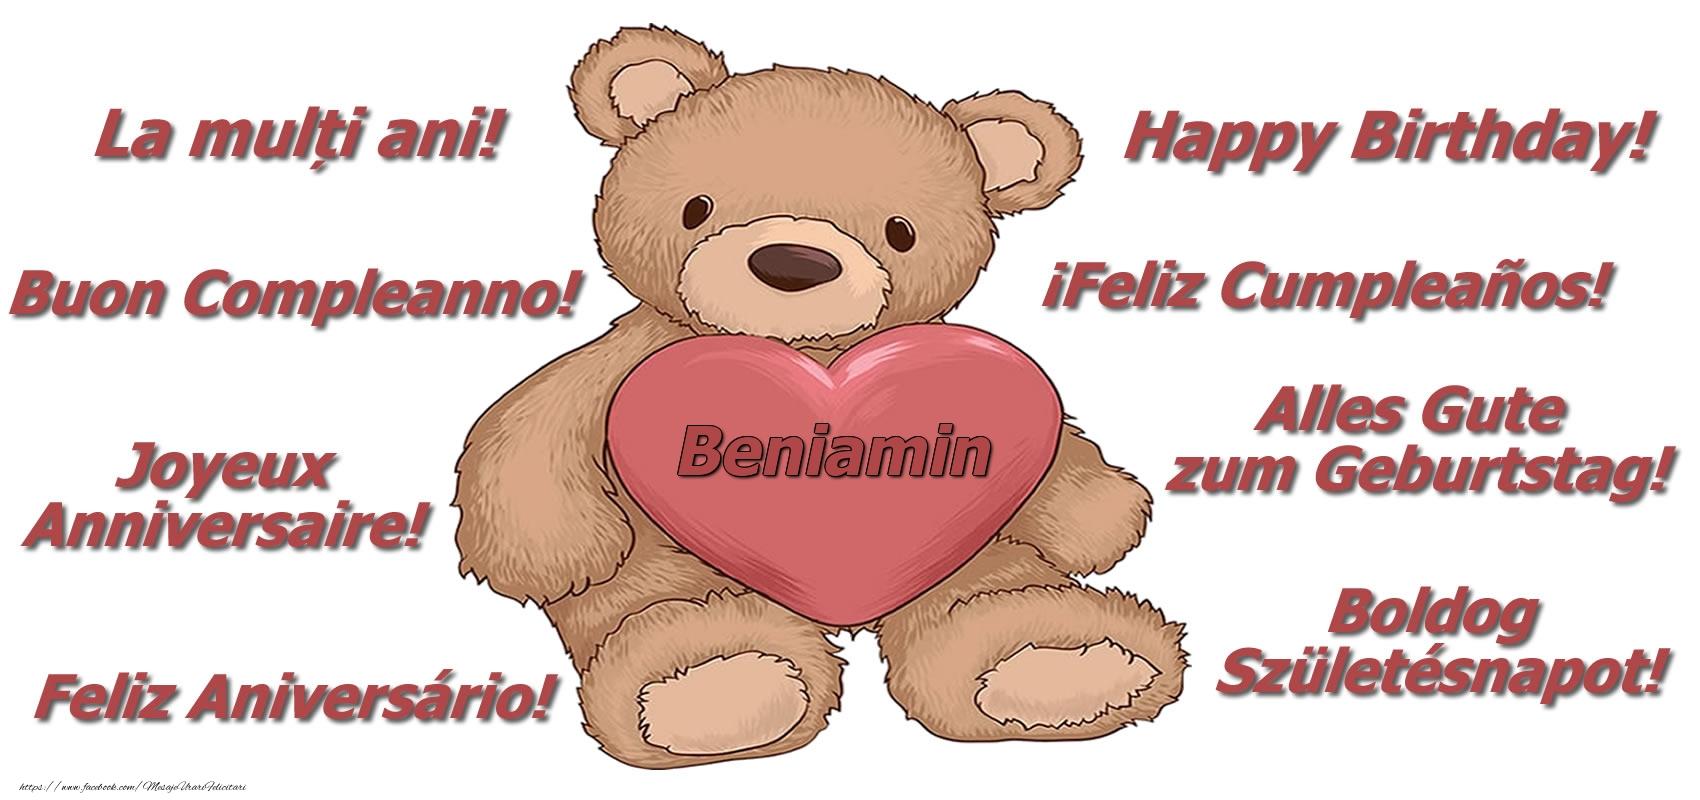 Felicitari de zi de nastere - La multi ani Beniamin! - Ursulet